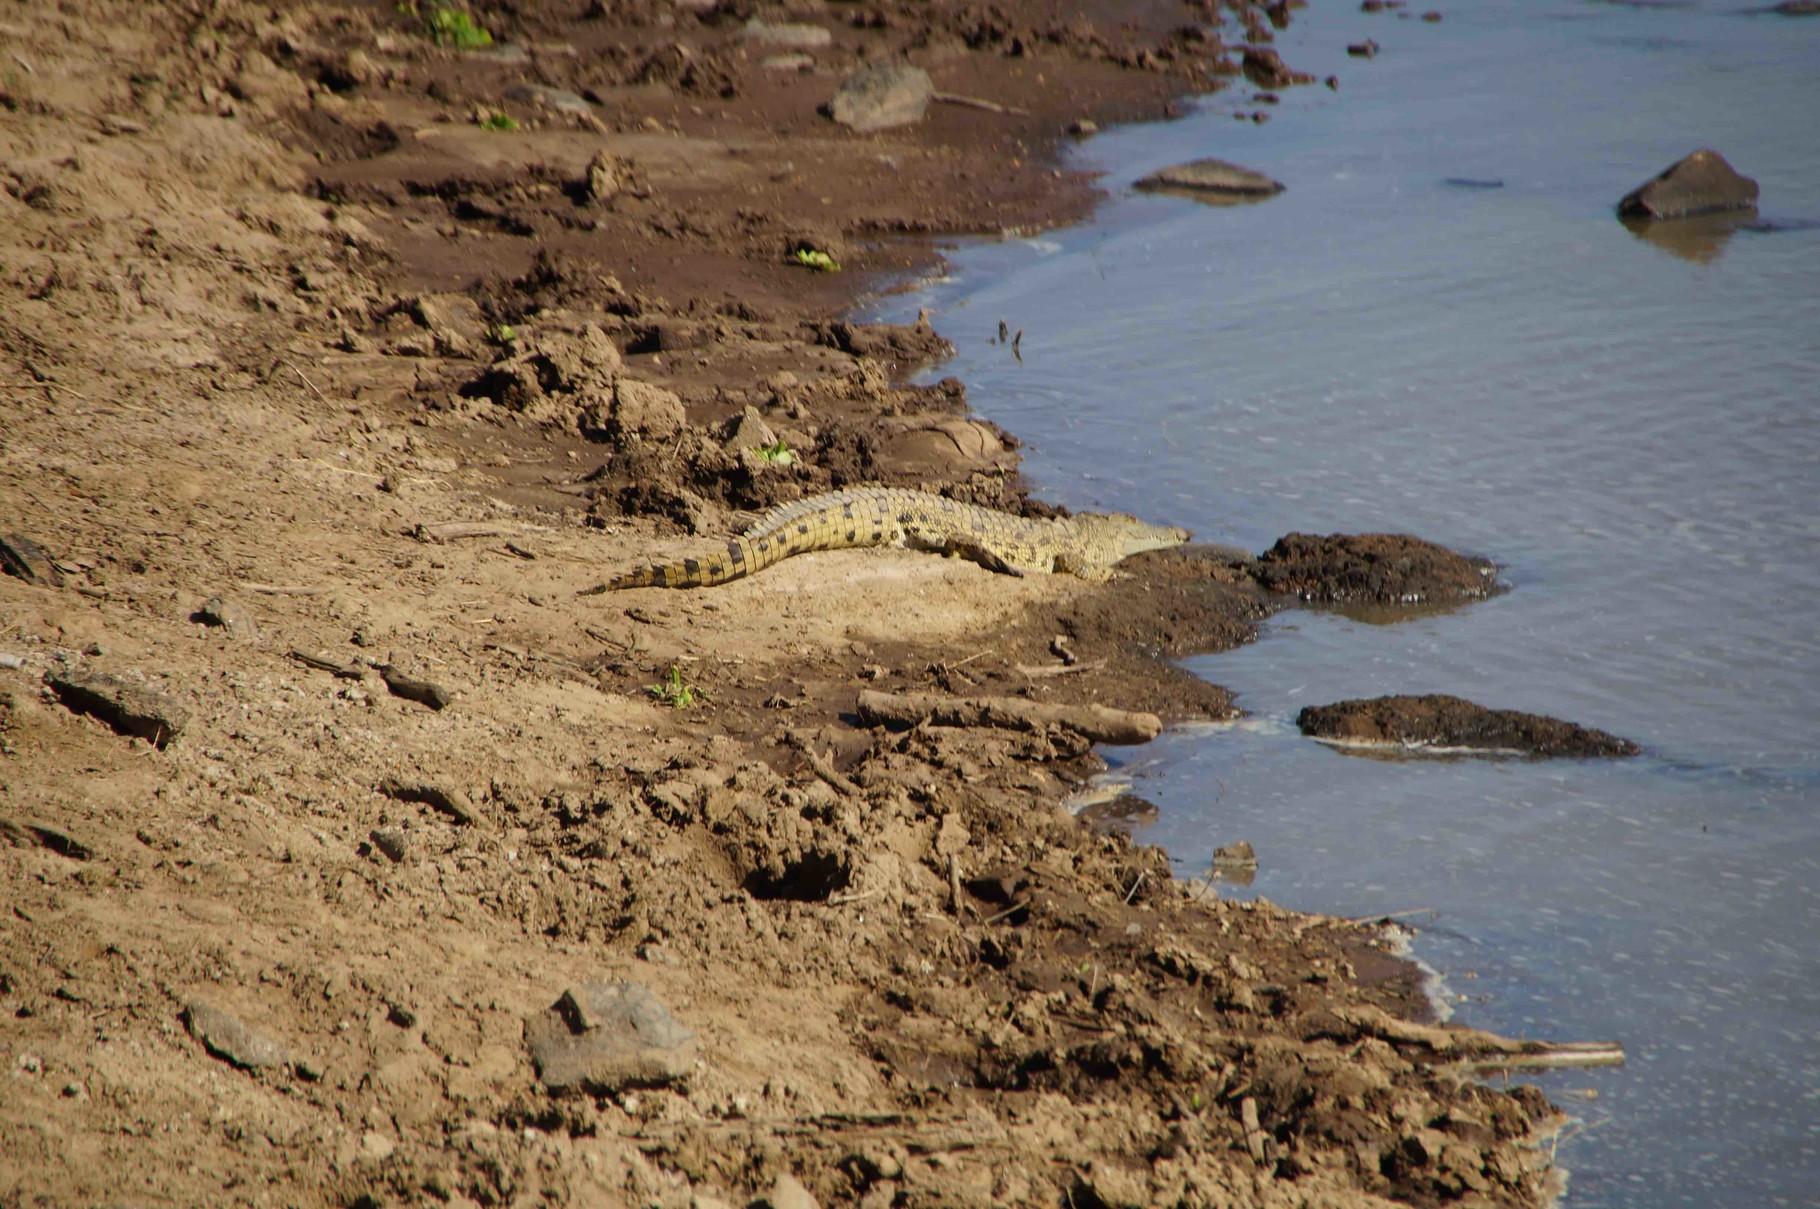 ein Krokodil beim Chillen